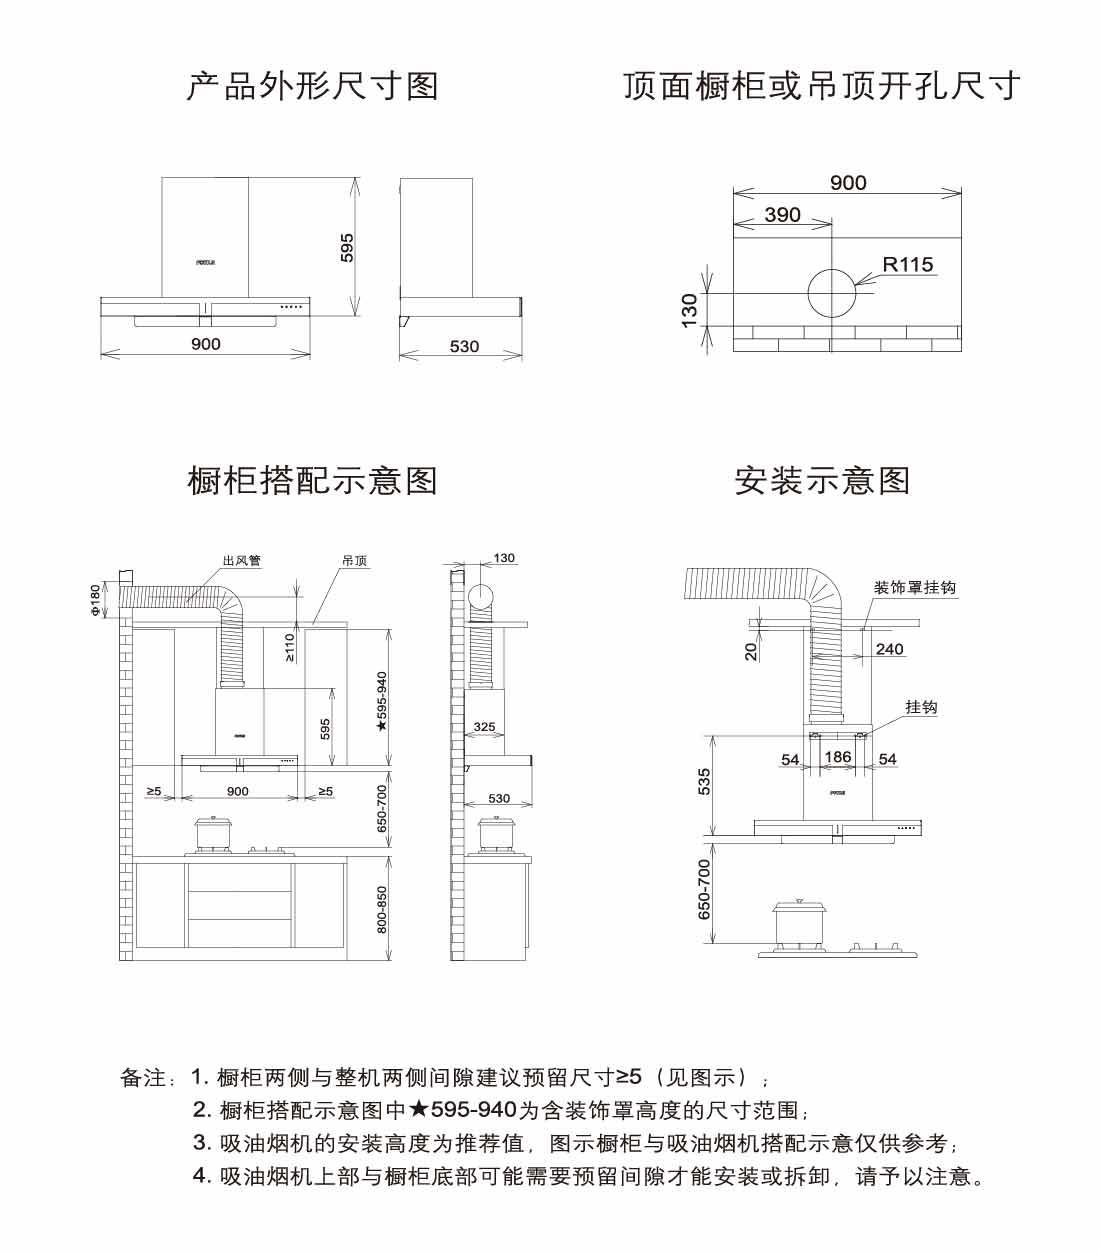 彩28彩票CXW-200-EM23TS装置表示图